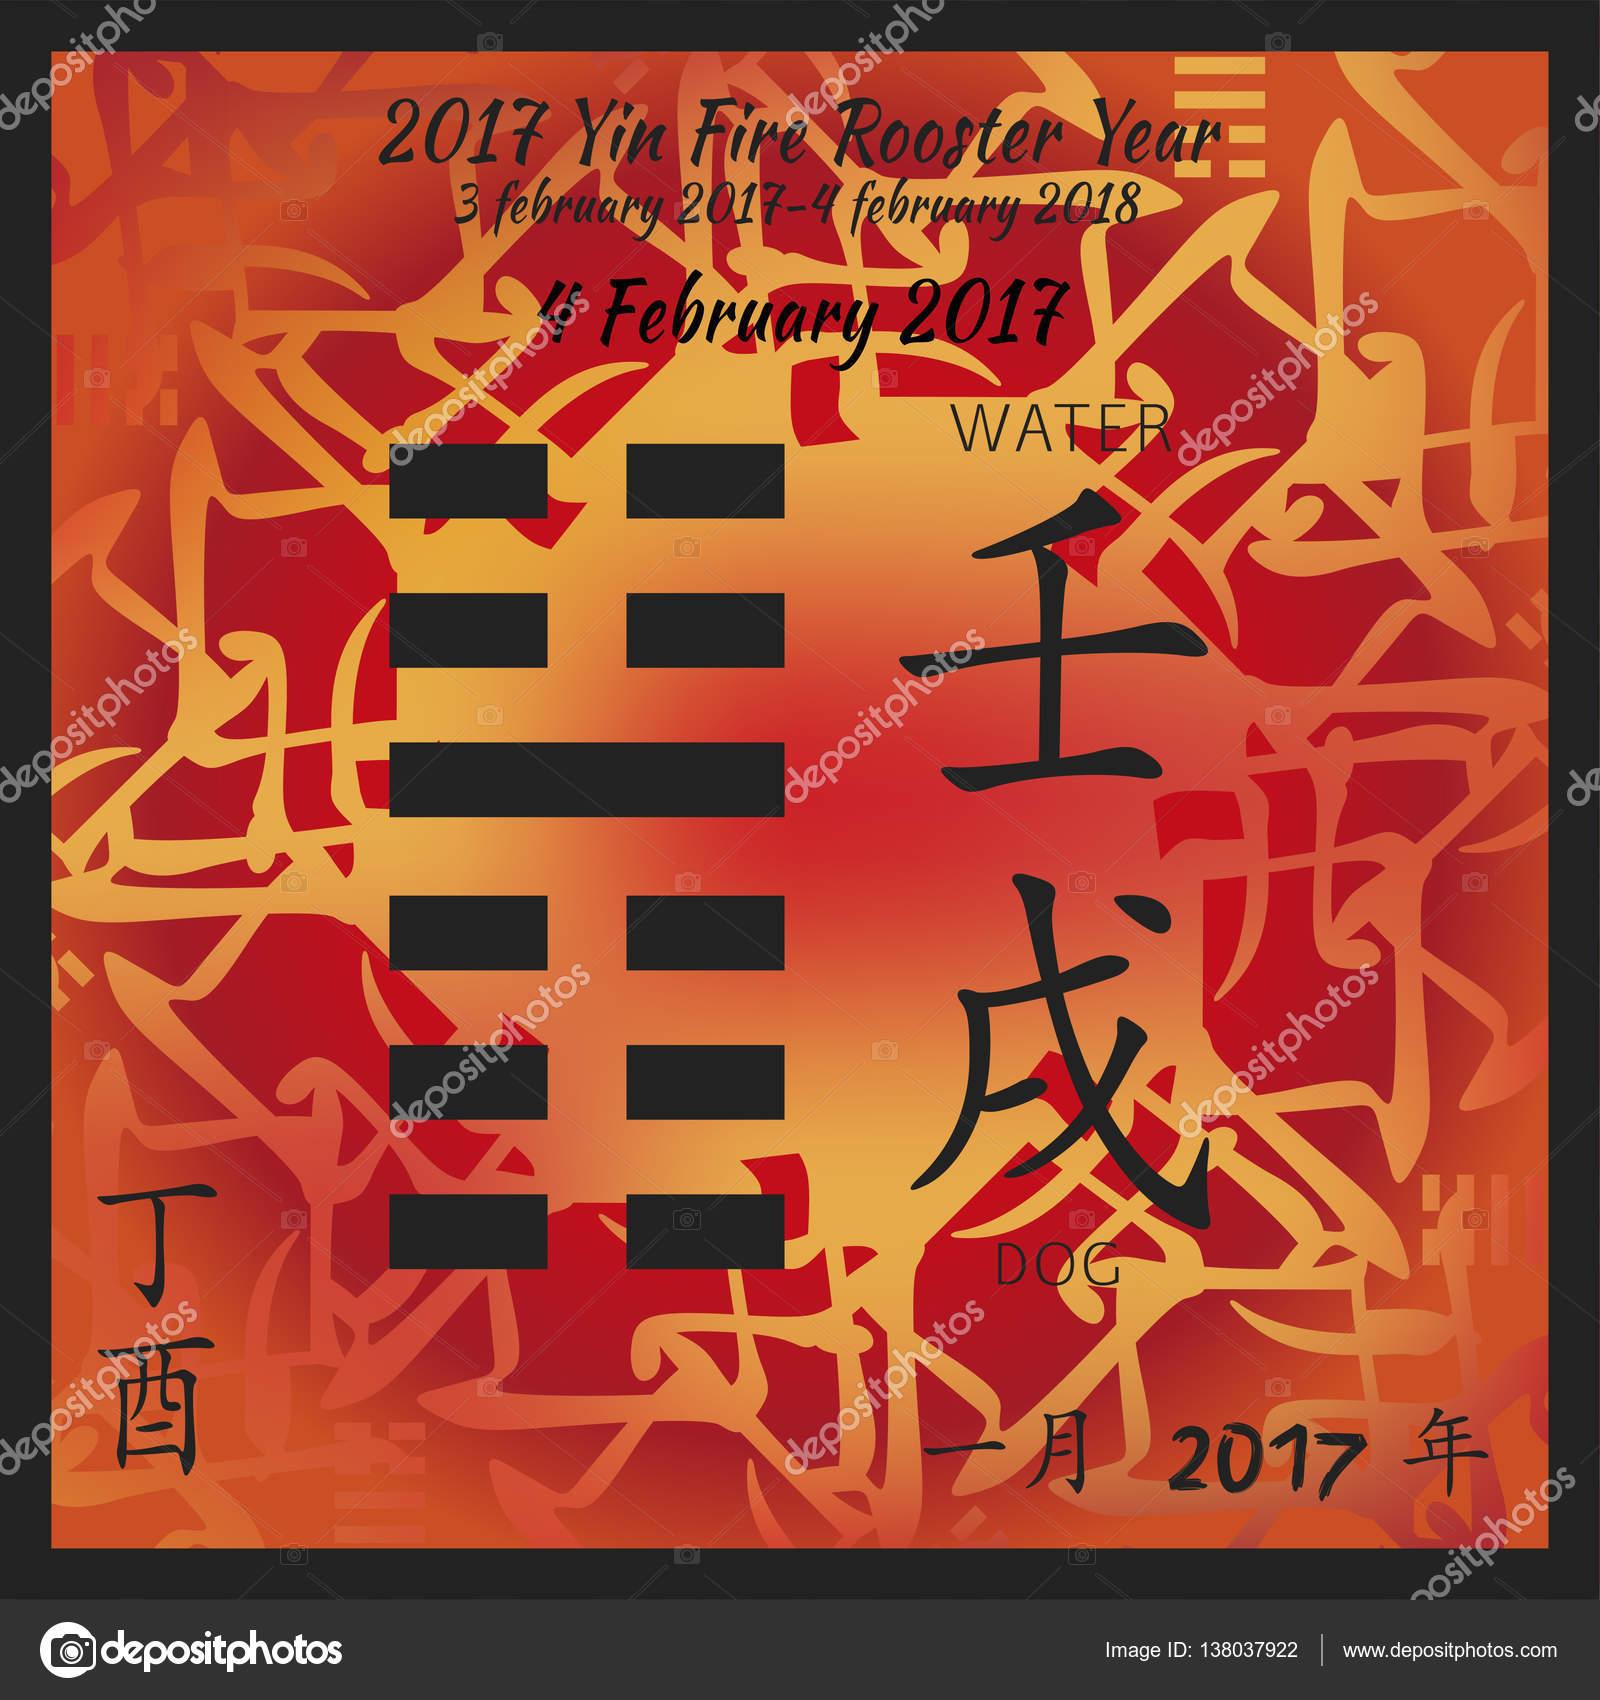 ημερολόγιο κινέζικων ημερολογίων γνωριμίες Άμστερνταμ